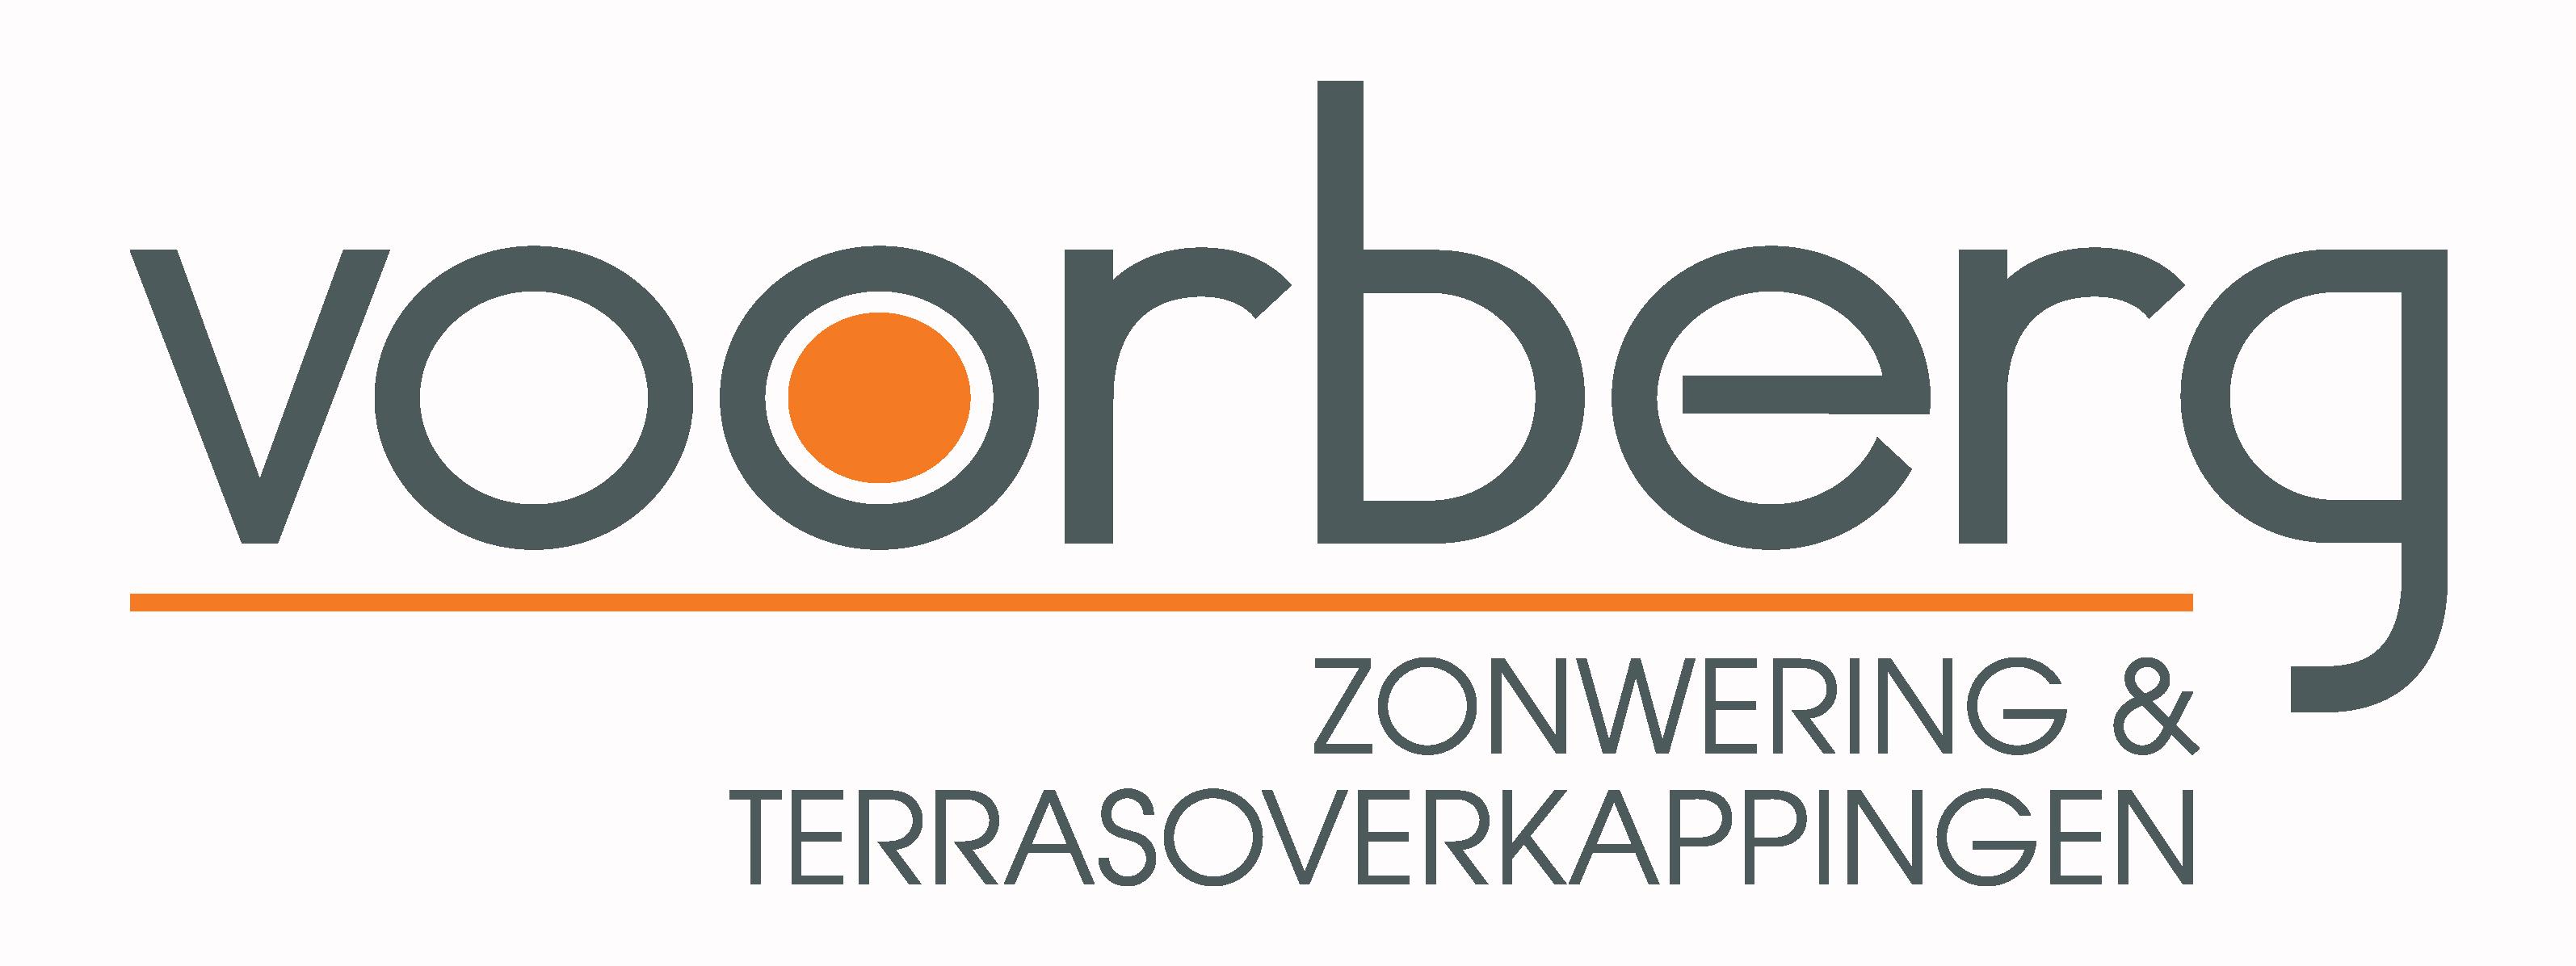 Logo Voorberg Zonwering